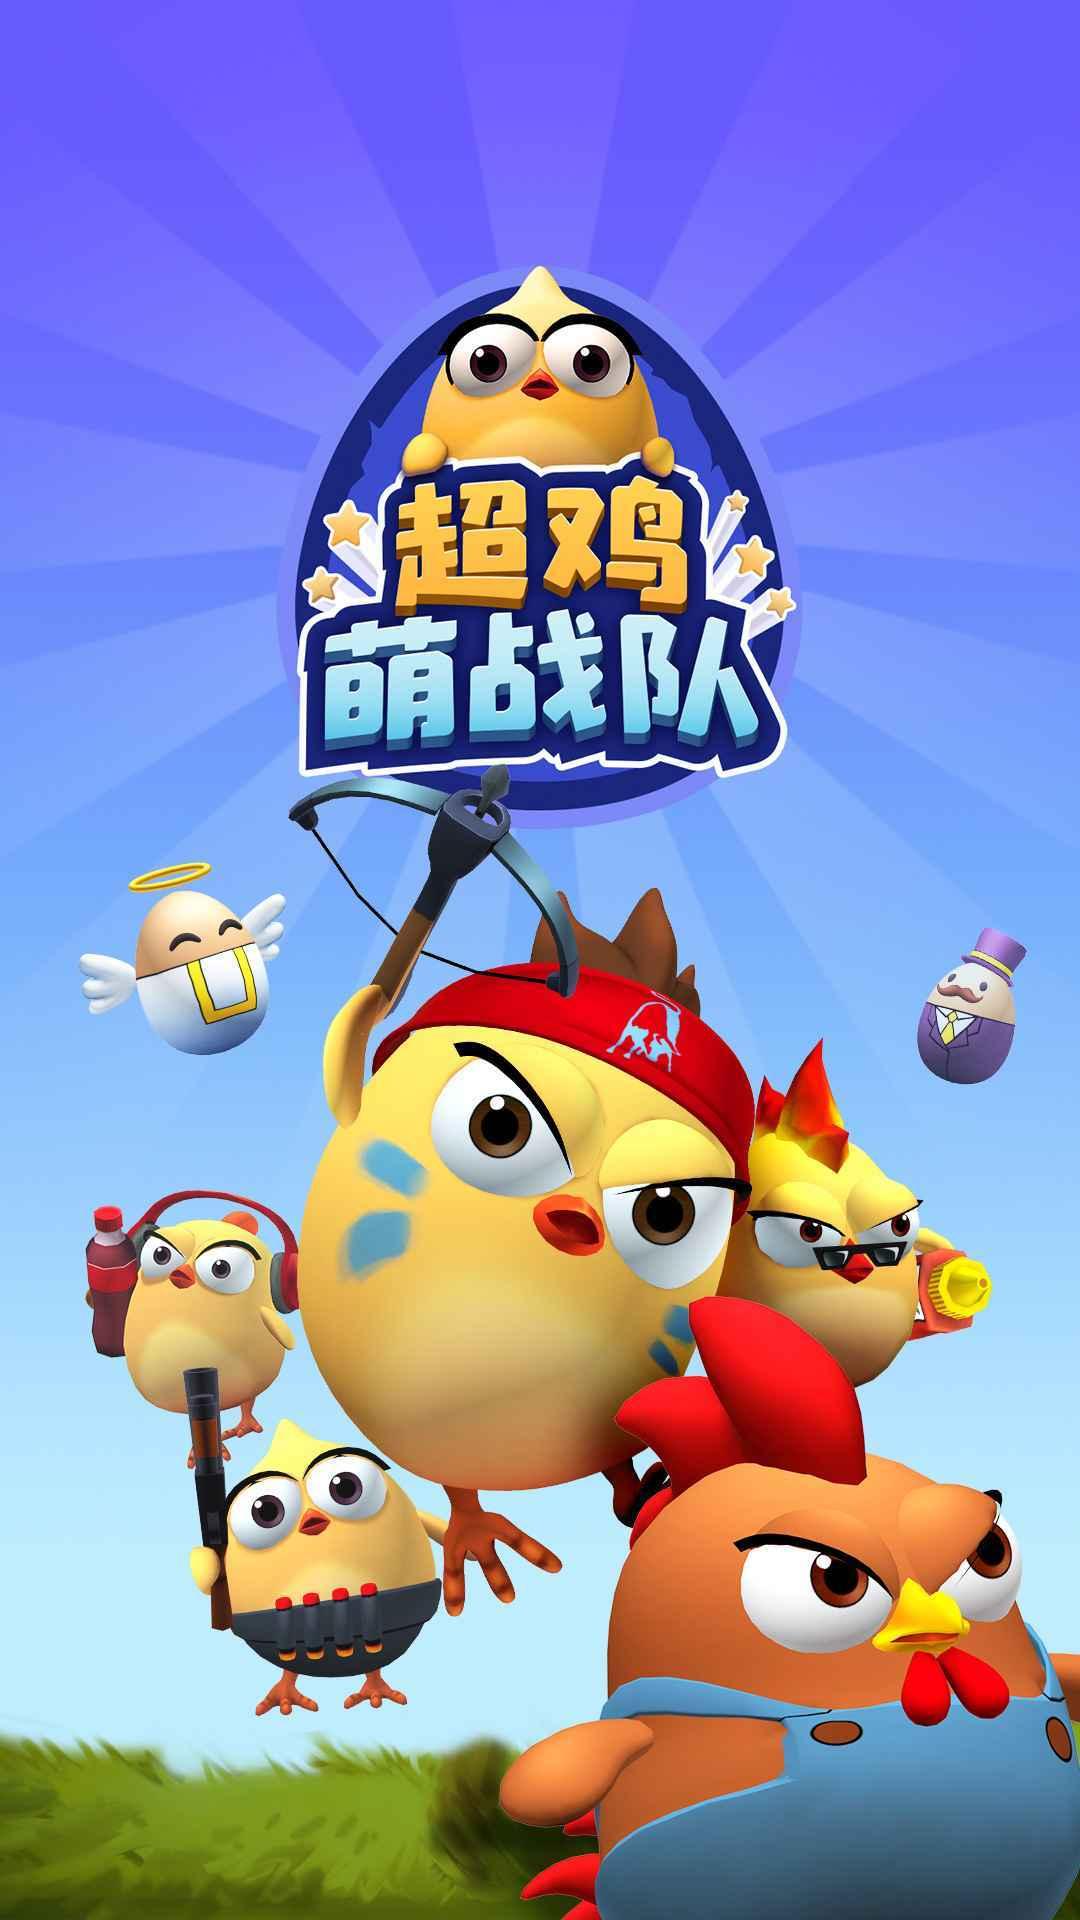 超鸡萌战队手游中文版